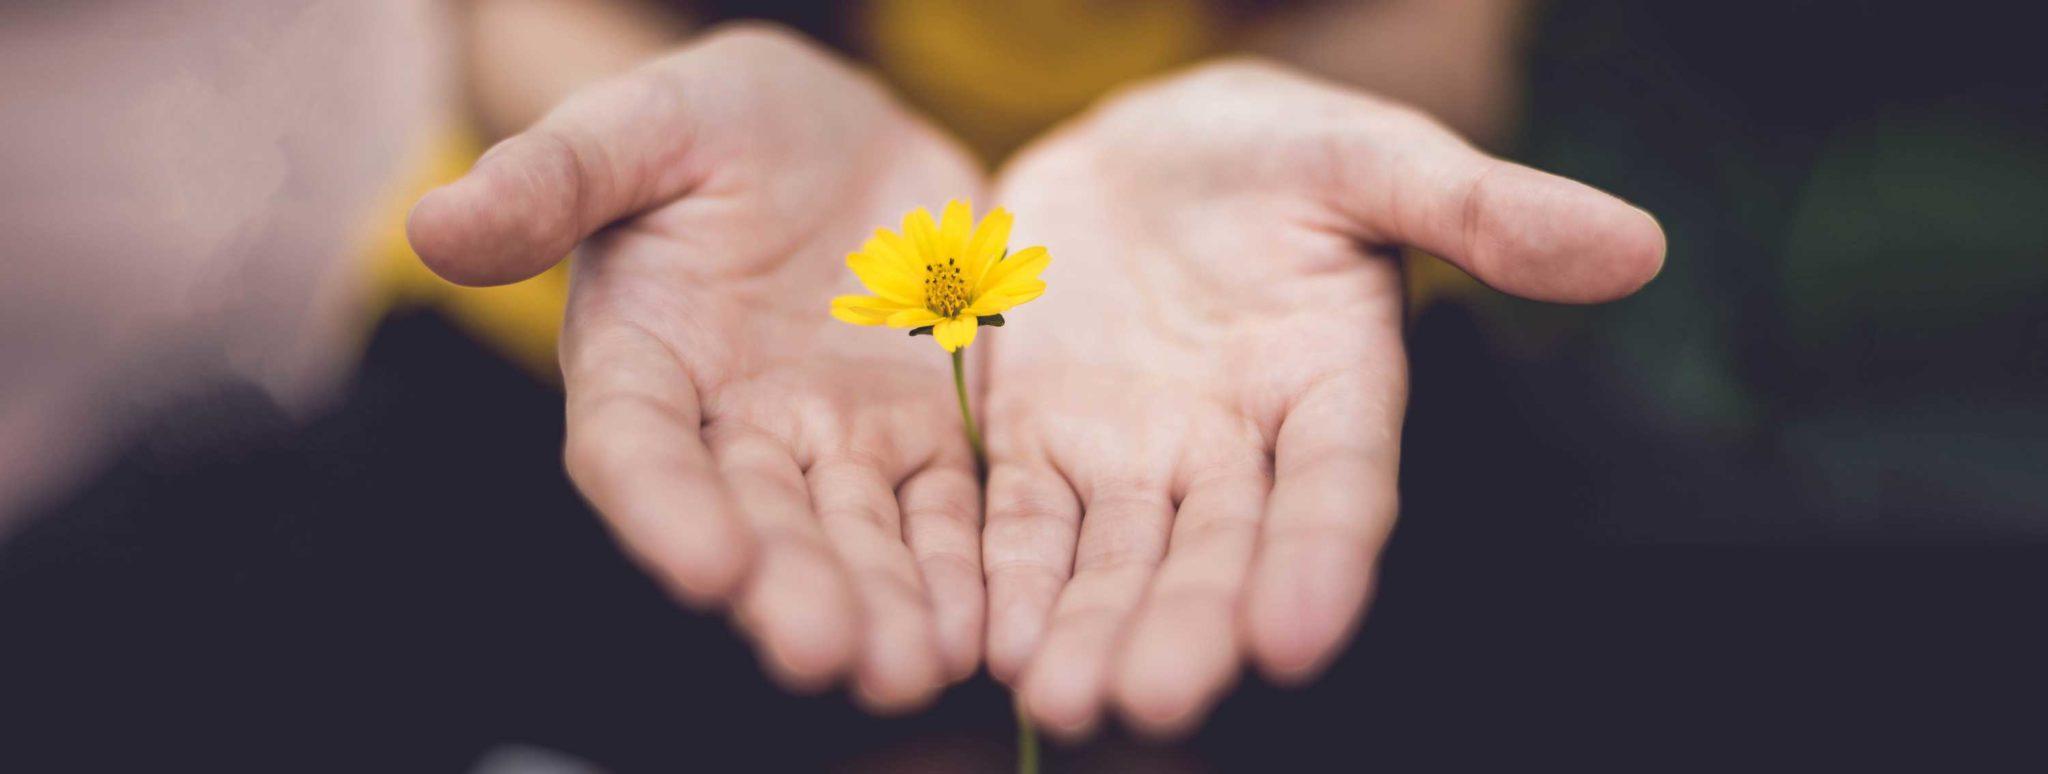 Händer som håller en blomma